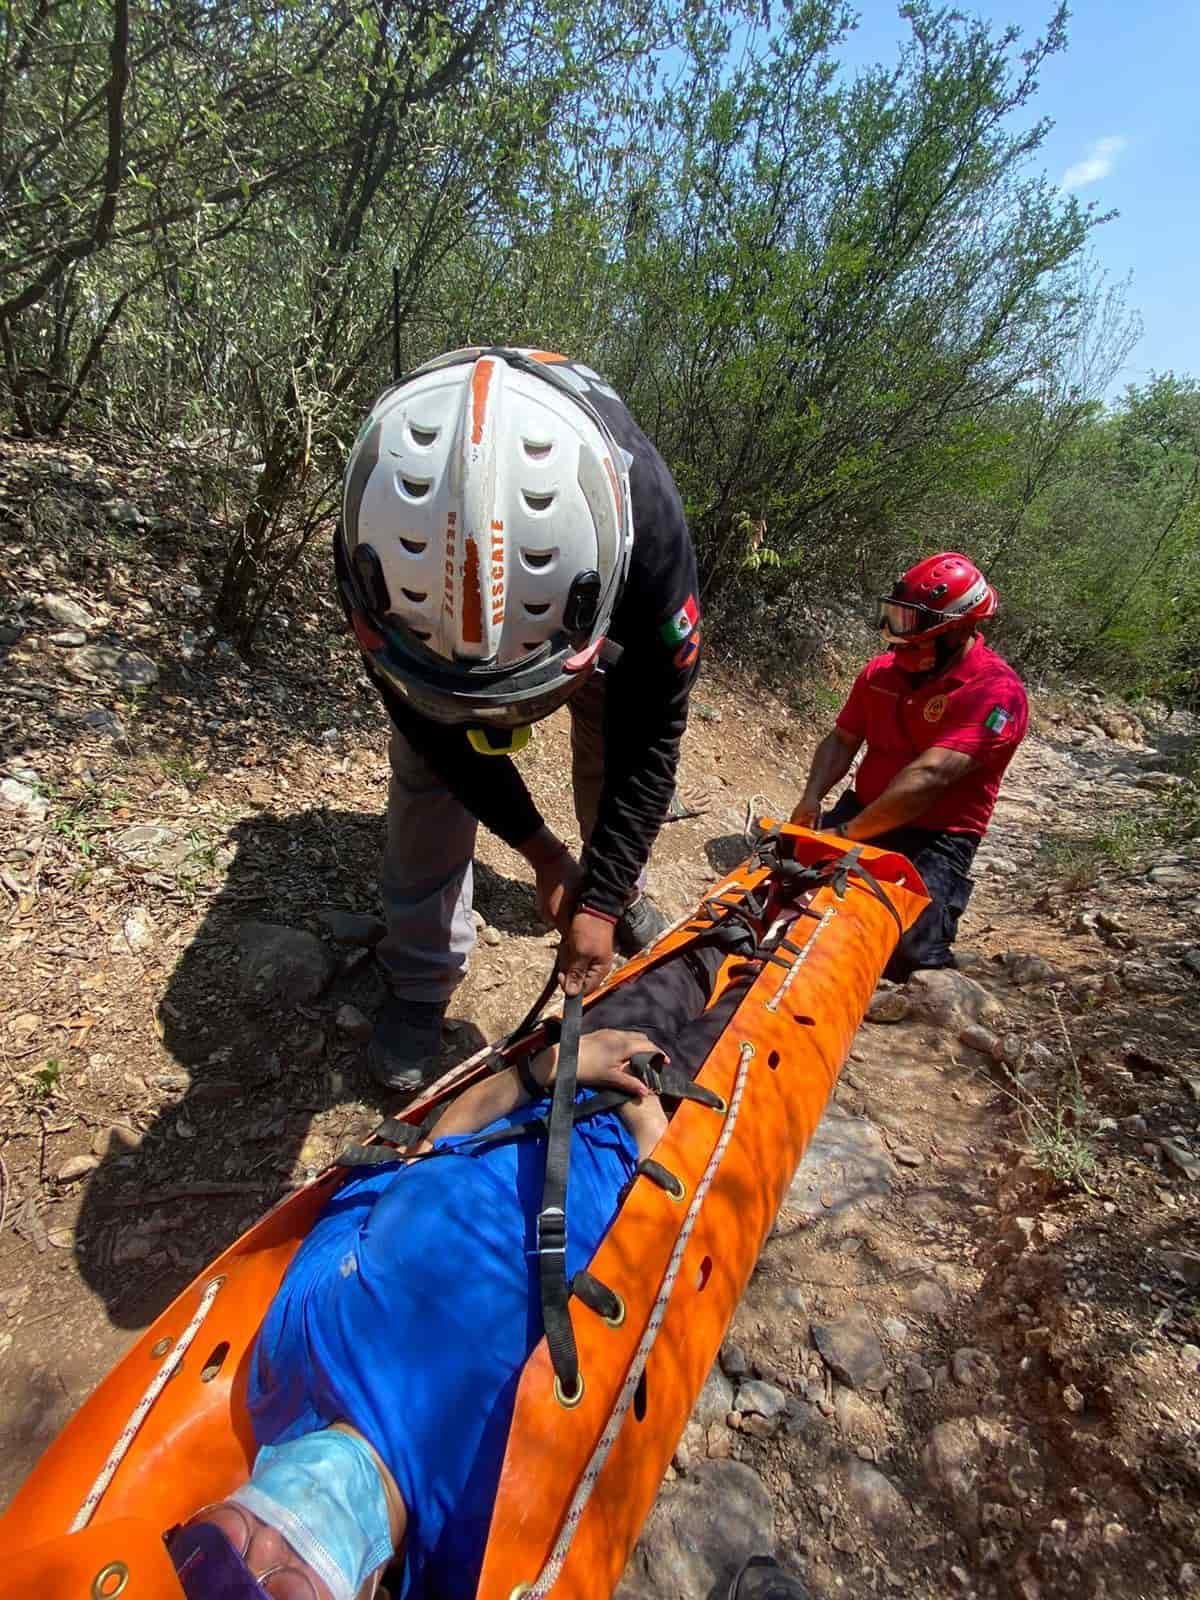 Con diversos golpes en el cuerpo, así como una luxación en un tobillo, resultó una excursionista al sufrir una caída